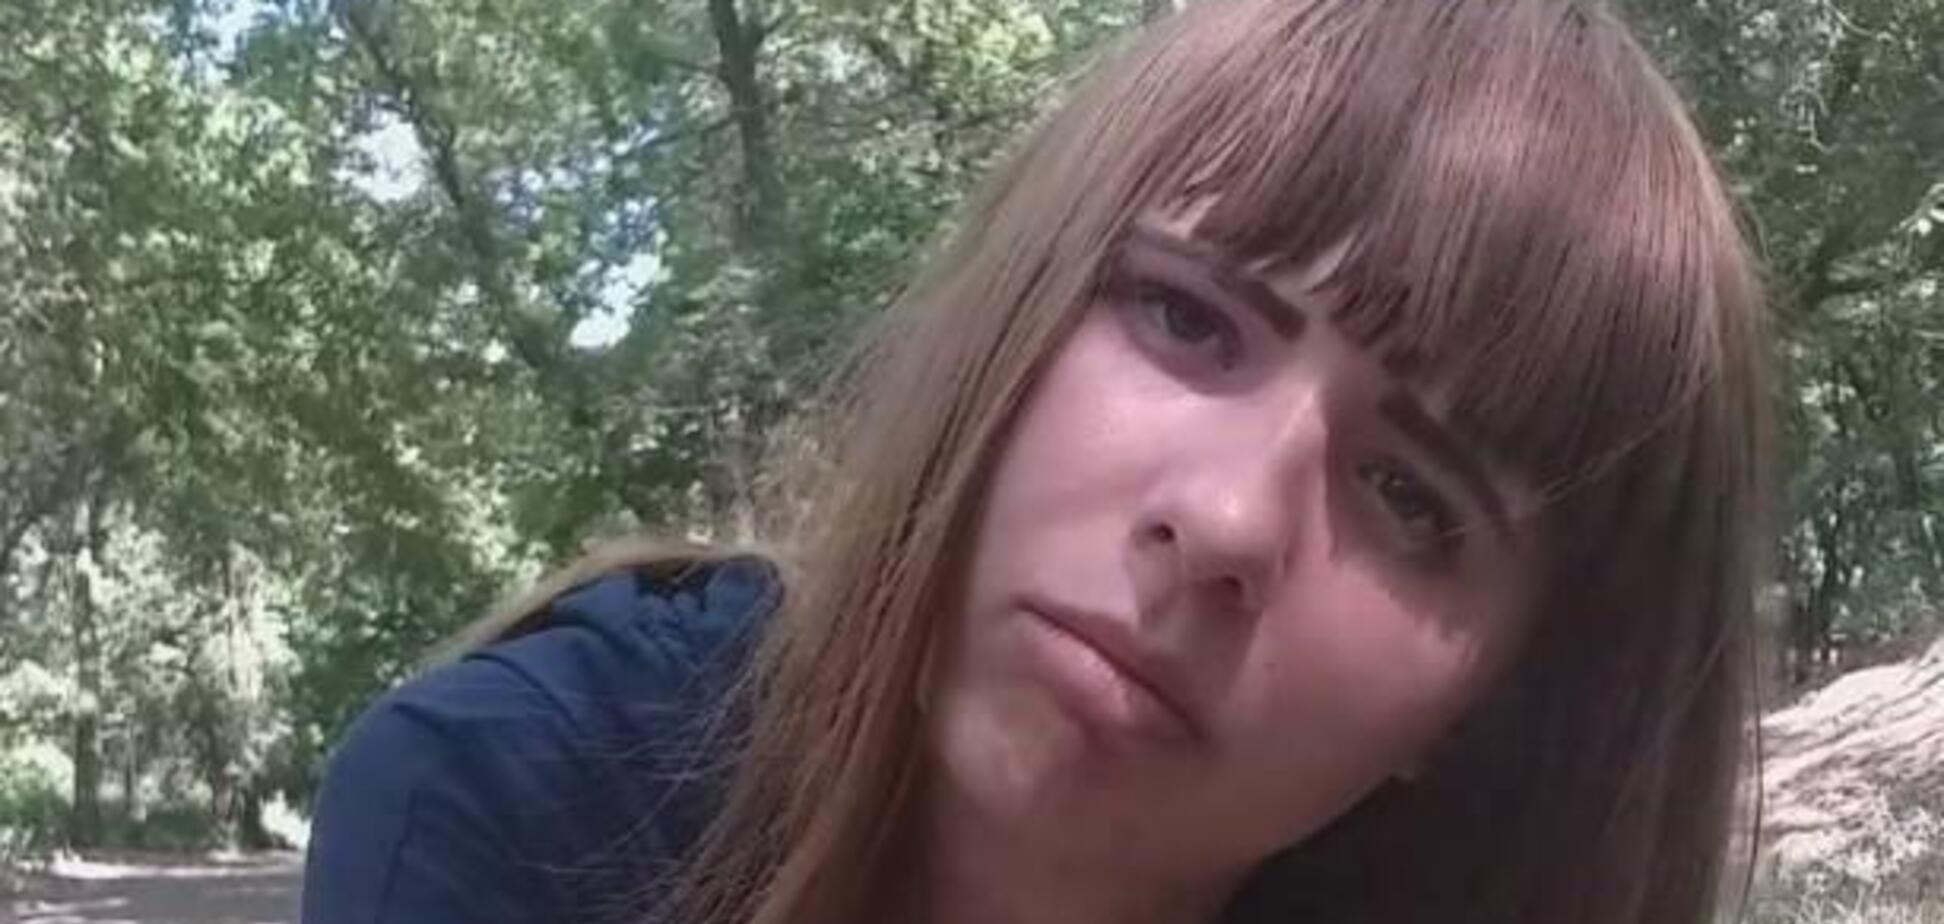 Ищут двое суток: в Одессе показали фото еще одной пропавшей девочки